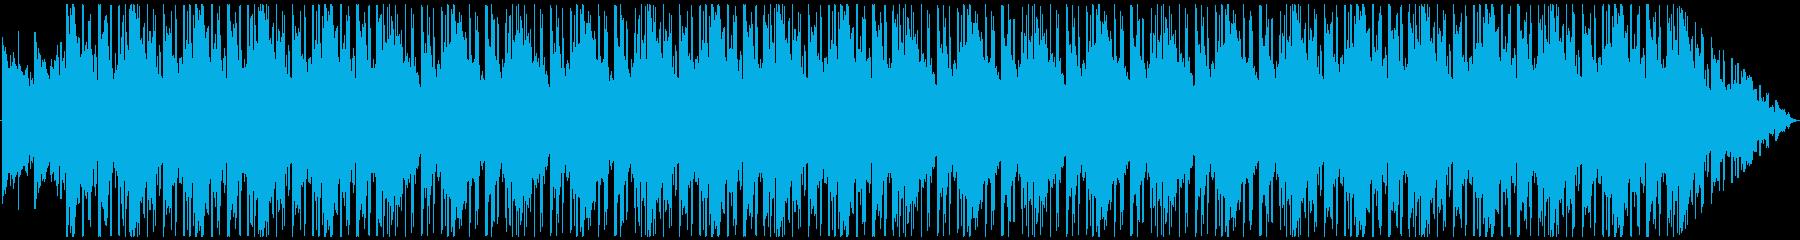 エレクトリックピアノで夜をイメージしたの再生済みの波形